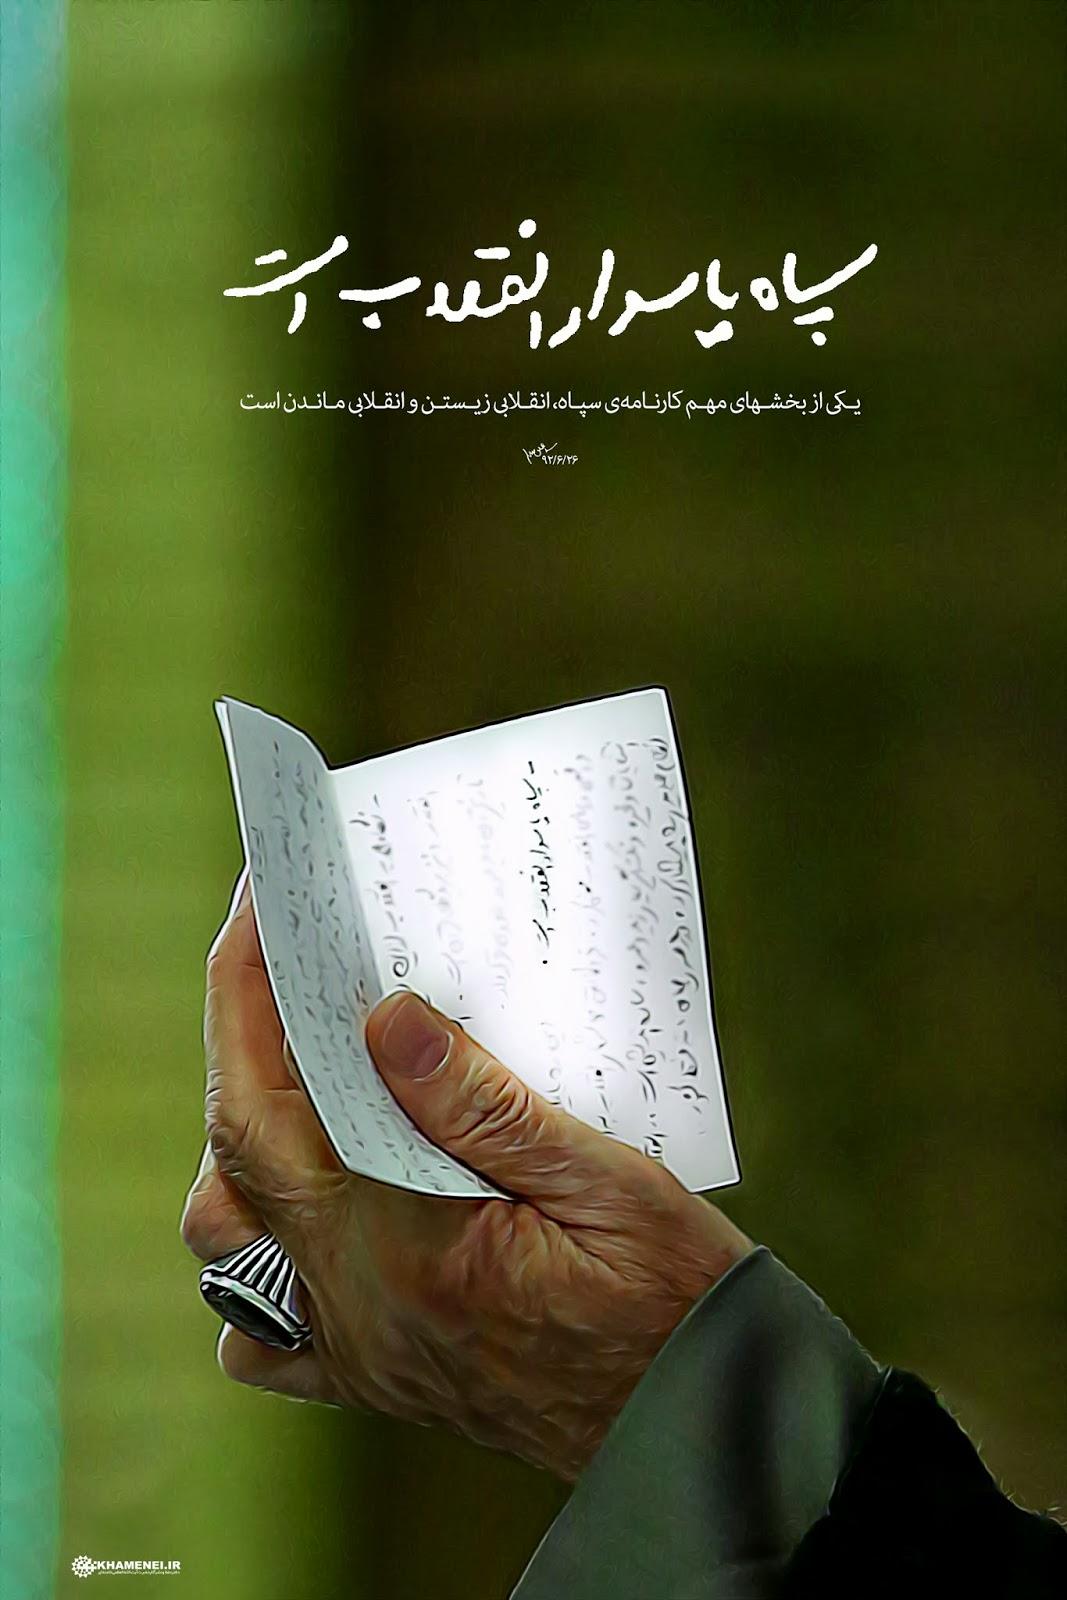 دستخط رهبر انقلاب در دیدار سپاهیان | سپاه پاسدار انقلاب است